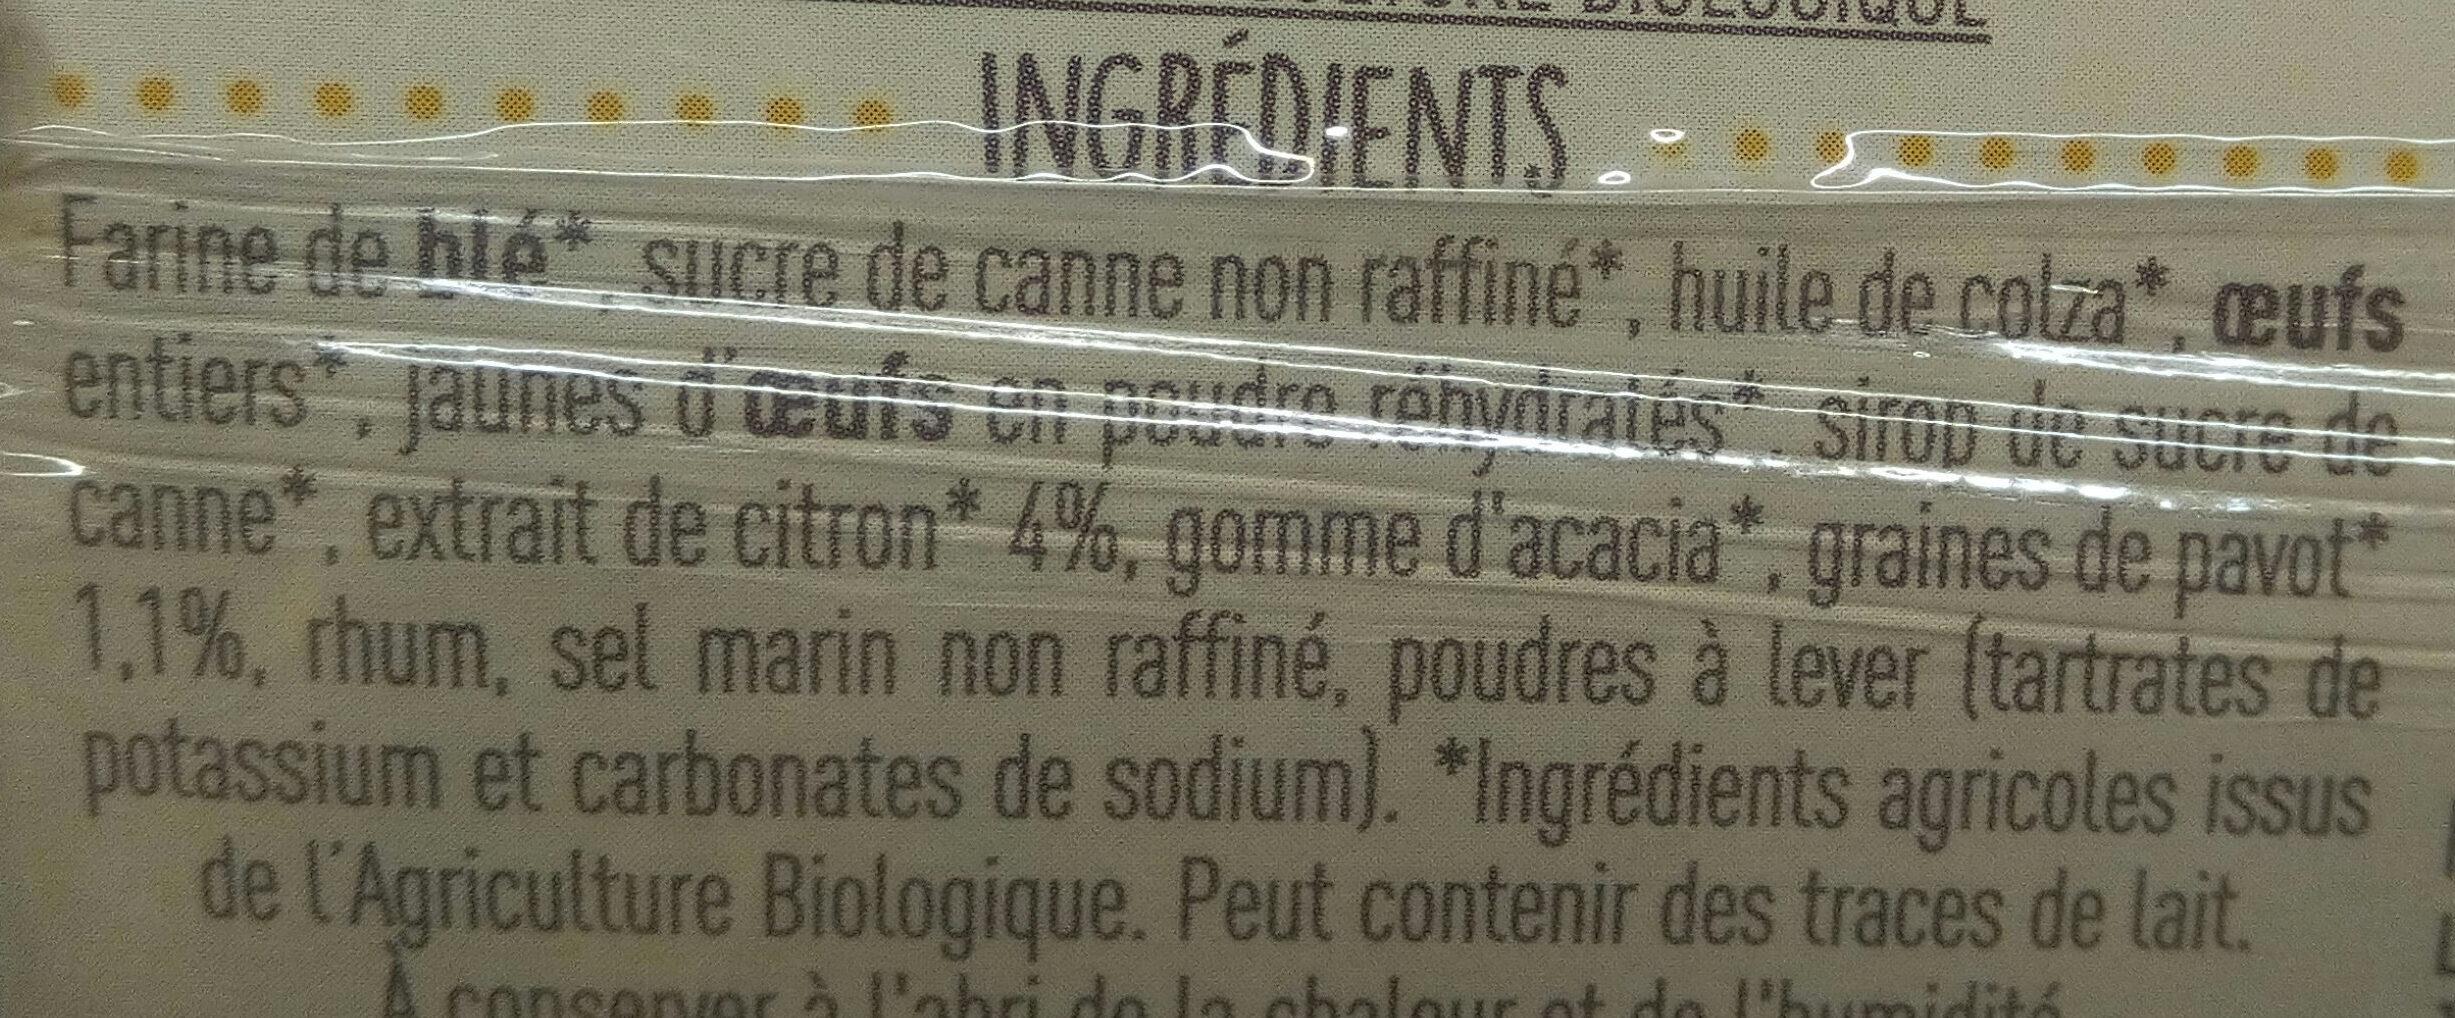 Cake Citron et graines de Pavot - Ingredients